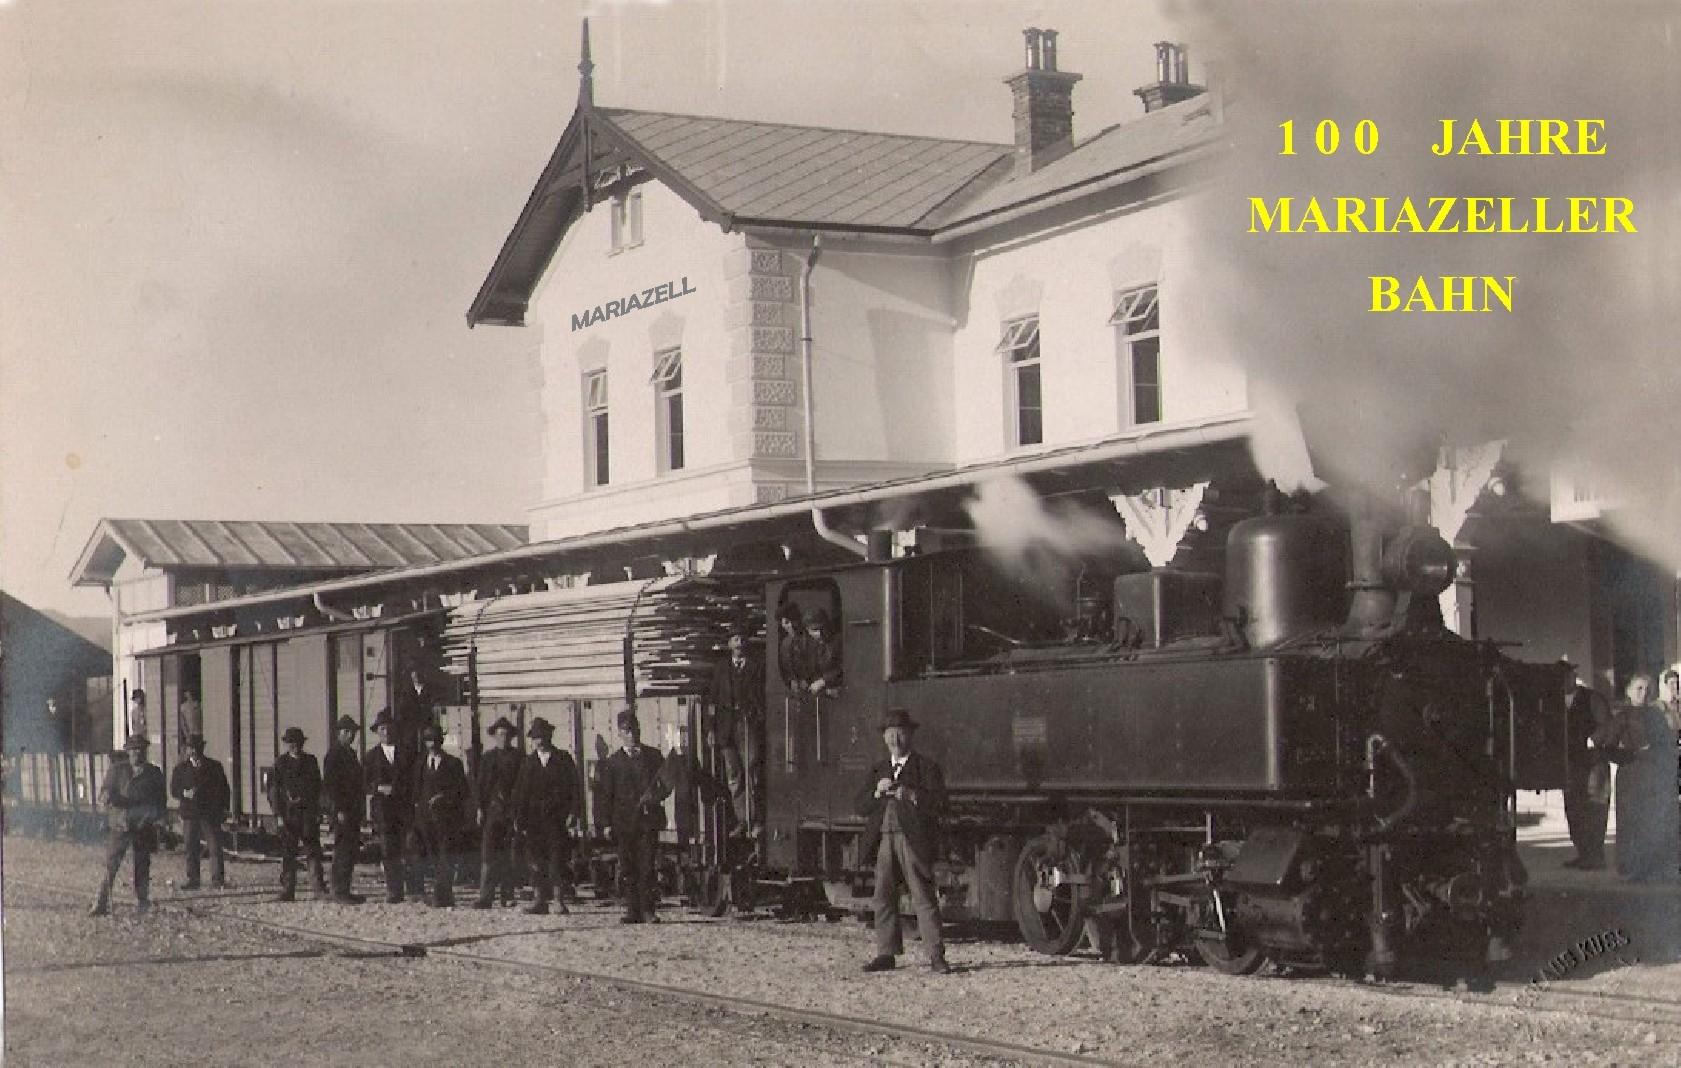 100 Jahre Mariazellerbahn 2 2007